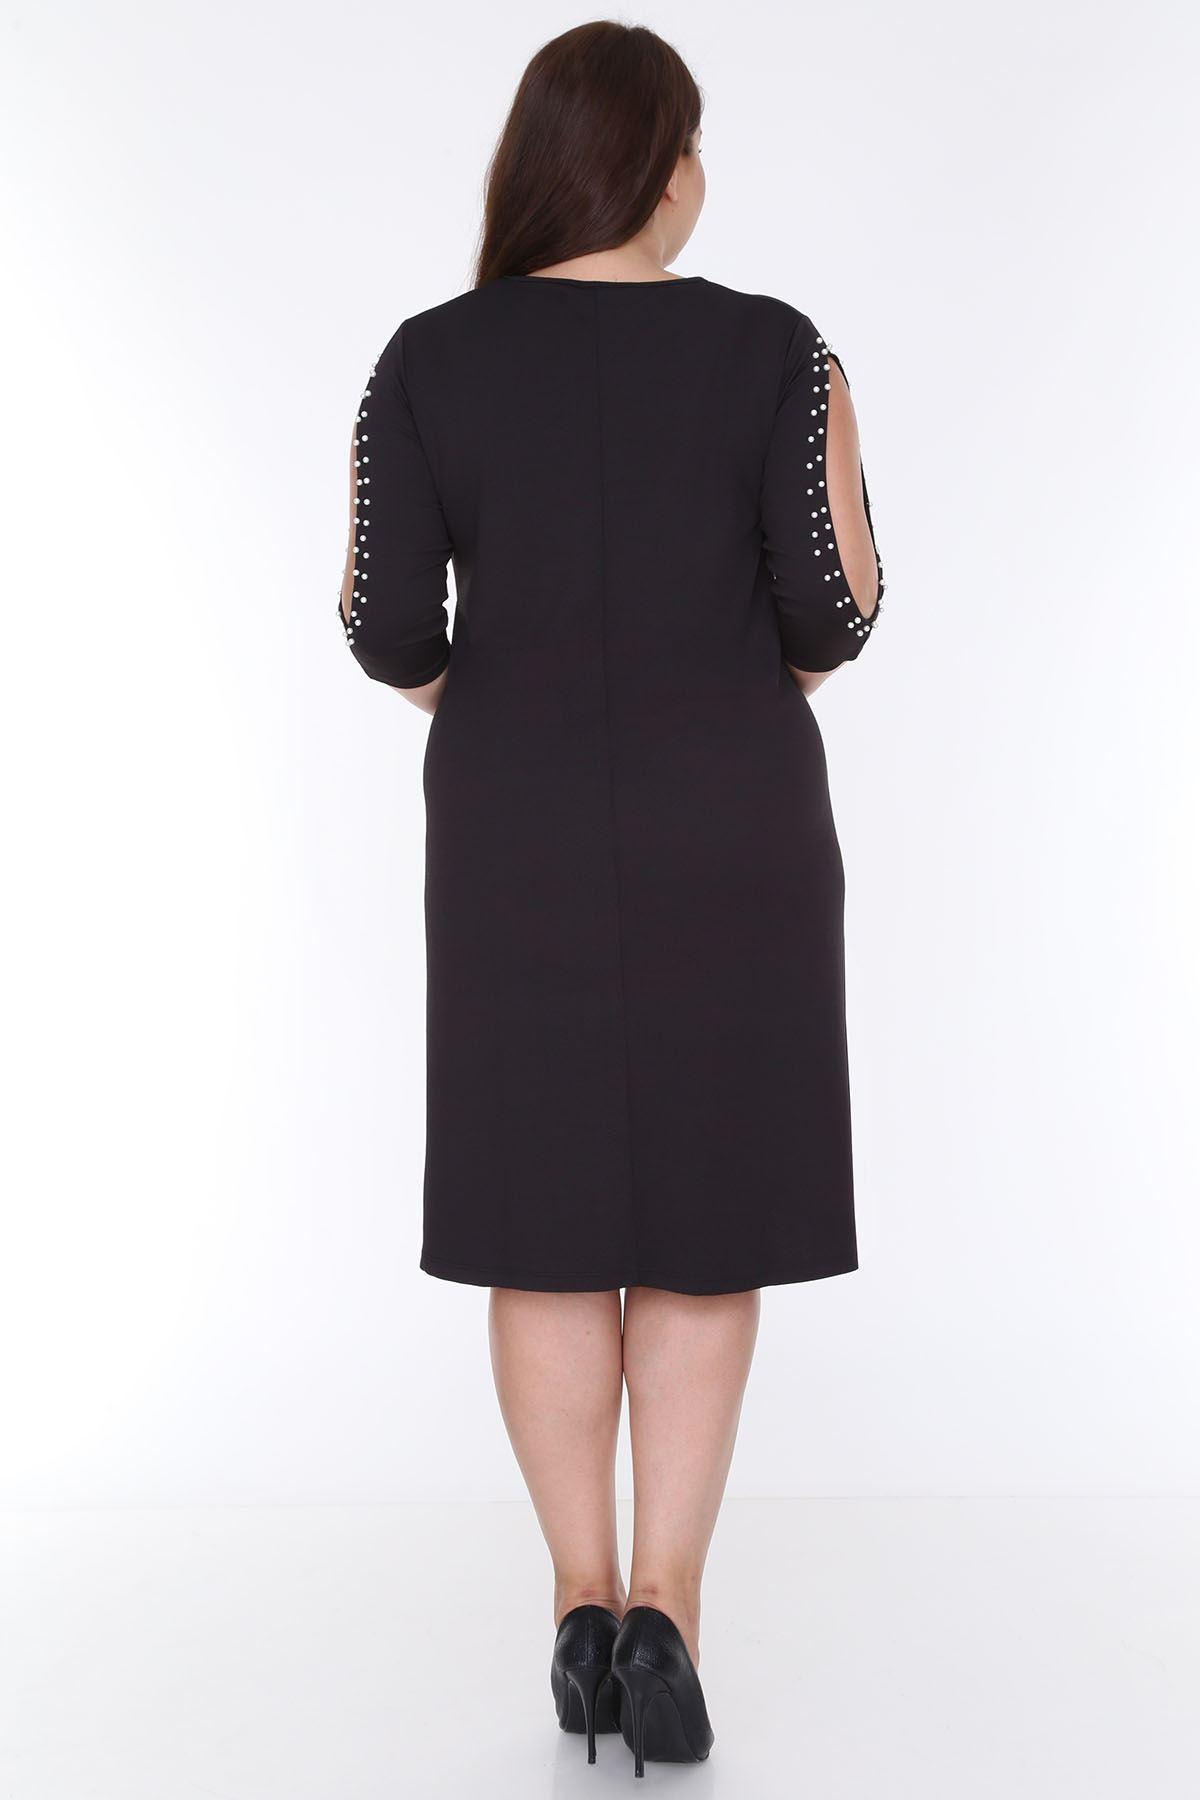 Kol İncili Büyük Beden Elbise 8C-0611